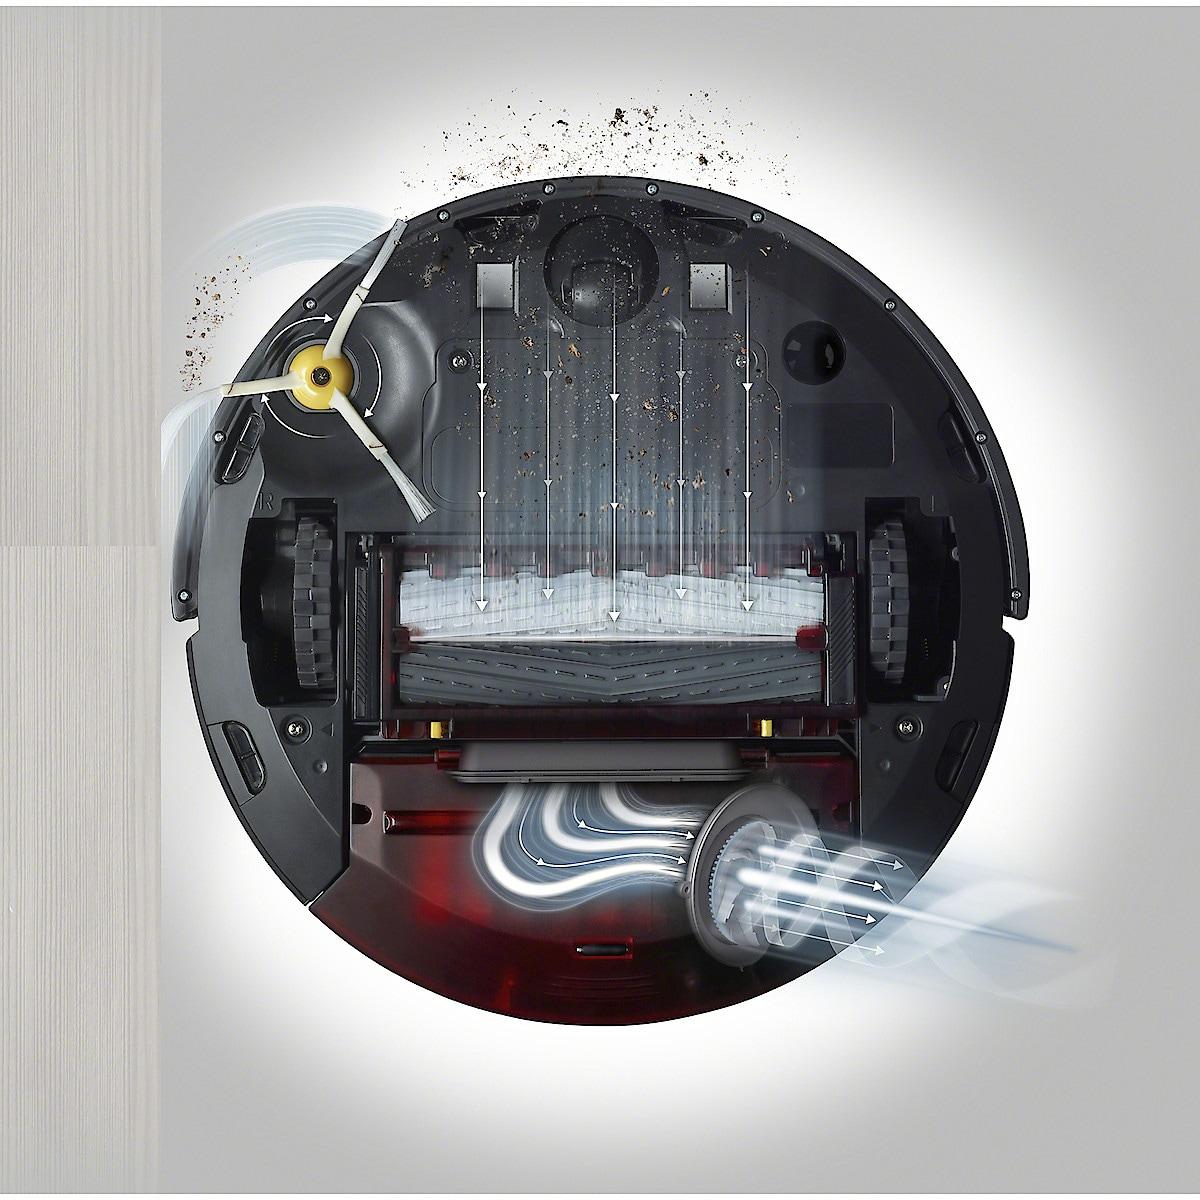 iRobot Roomba 975, robotdammsugare